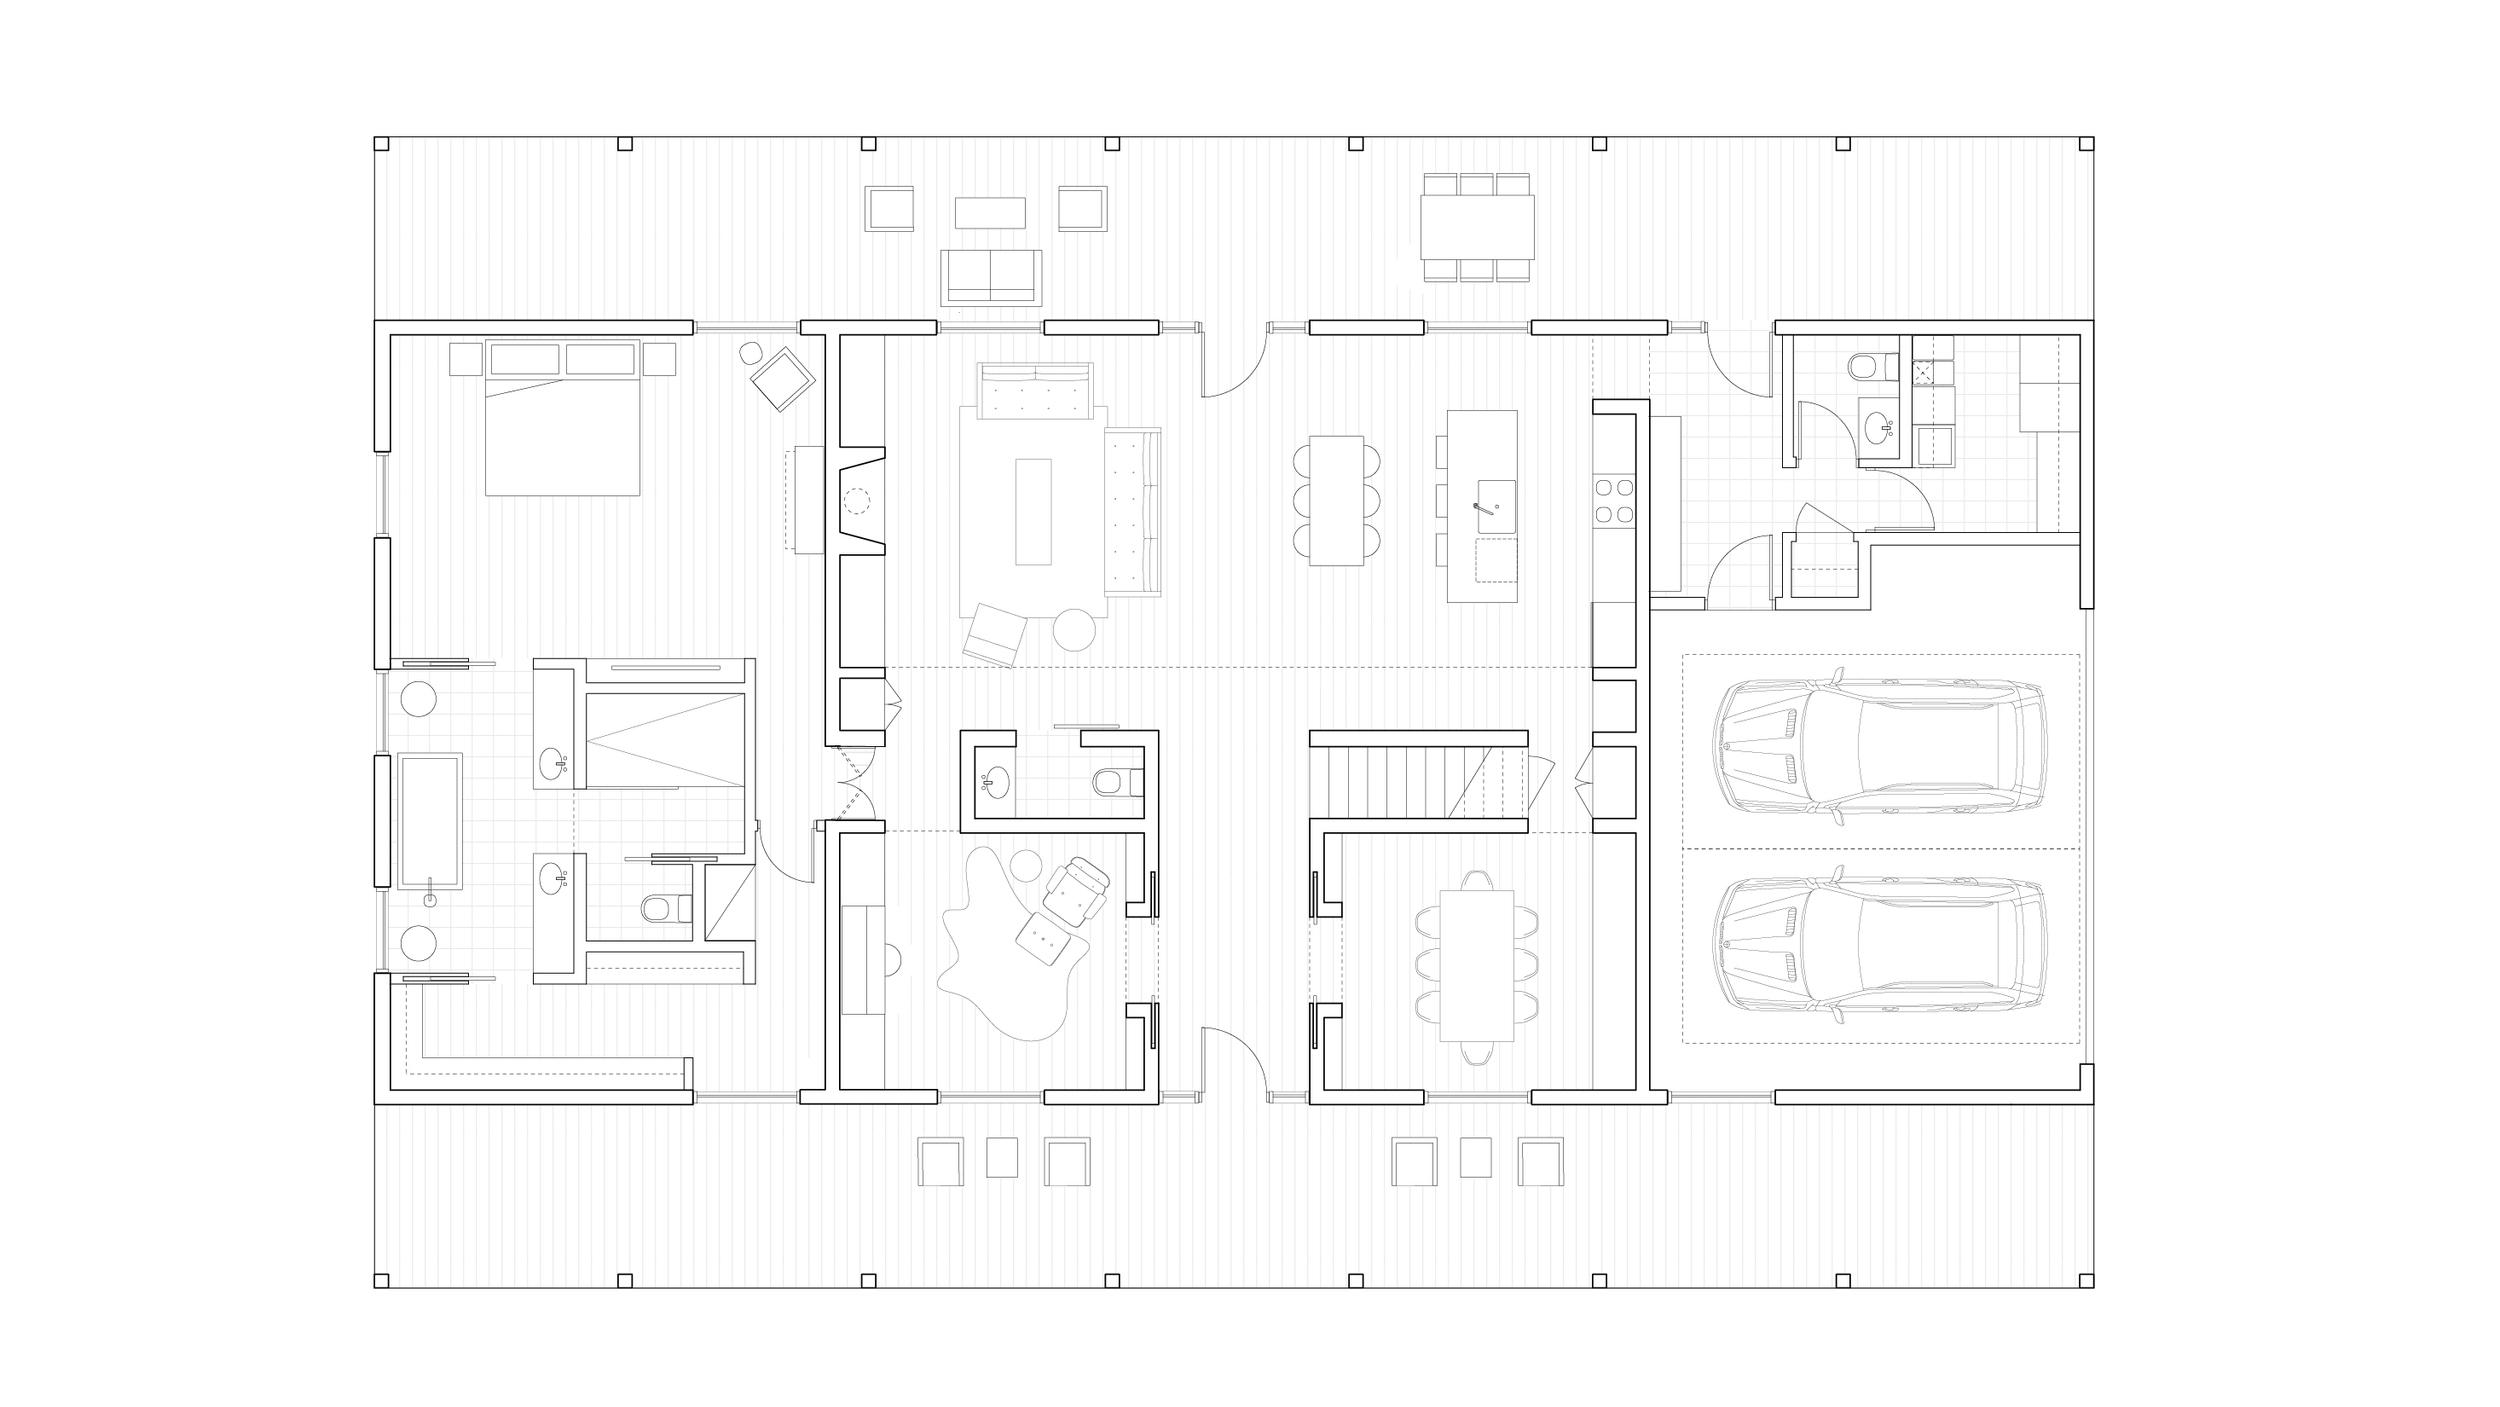 Guarisco_plans_website-02.jpg